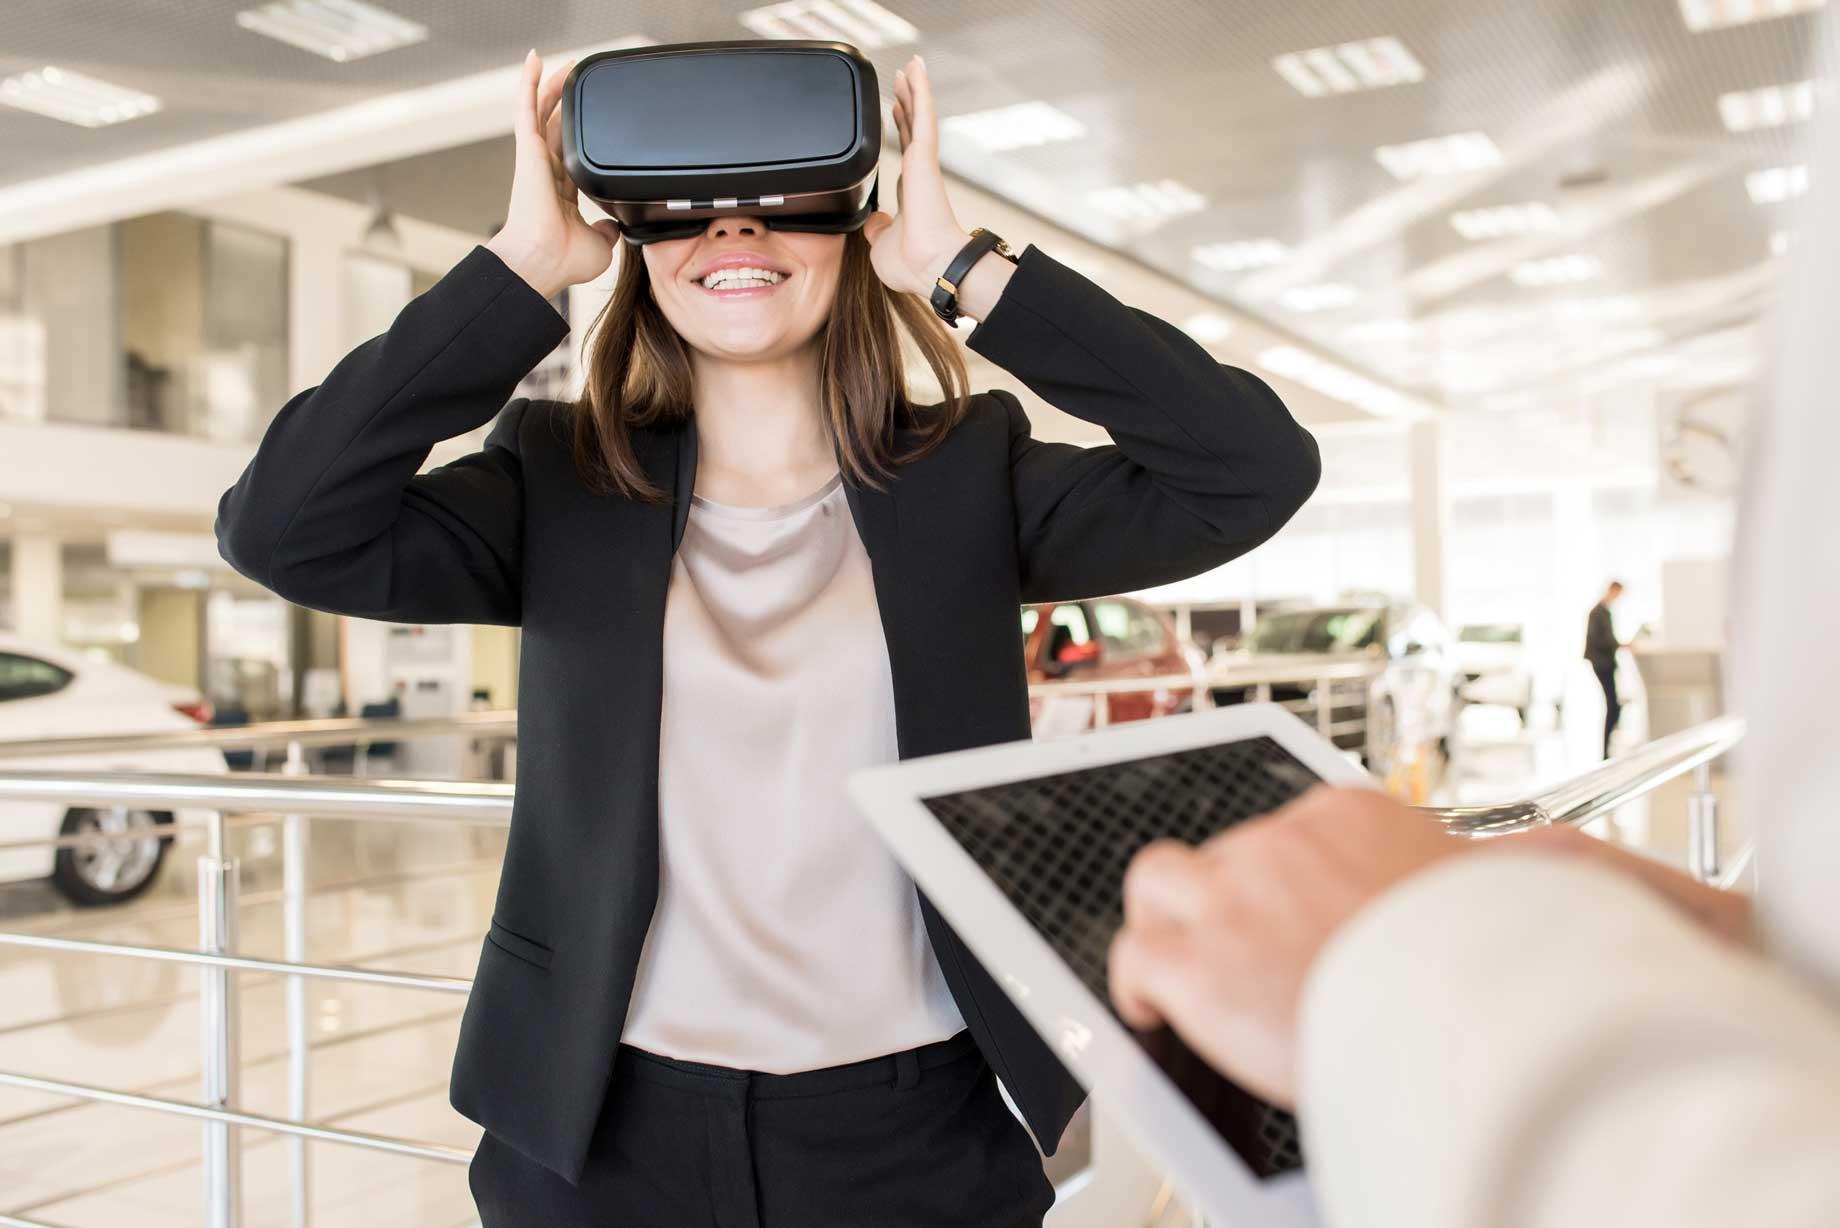 La réalité virtuelle va-t-elle révolutionner la pub ?